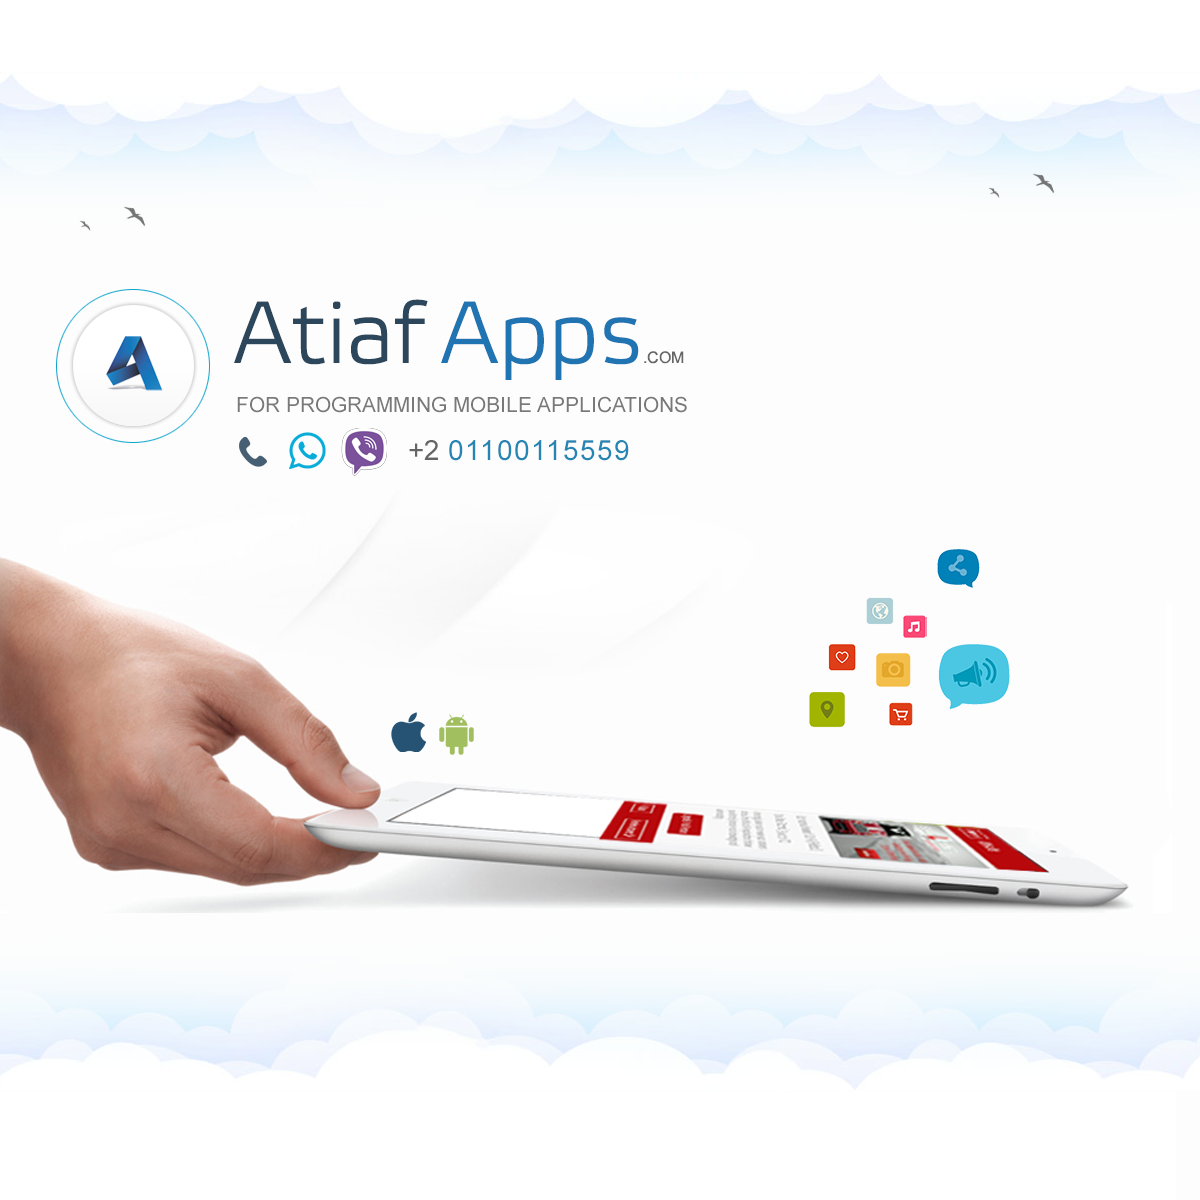 تصميم وبرمجة تطبيقات الهواتف الذكية تصميم وبرمجة تطبيقات الهواتف الذكية